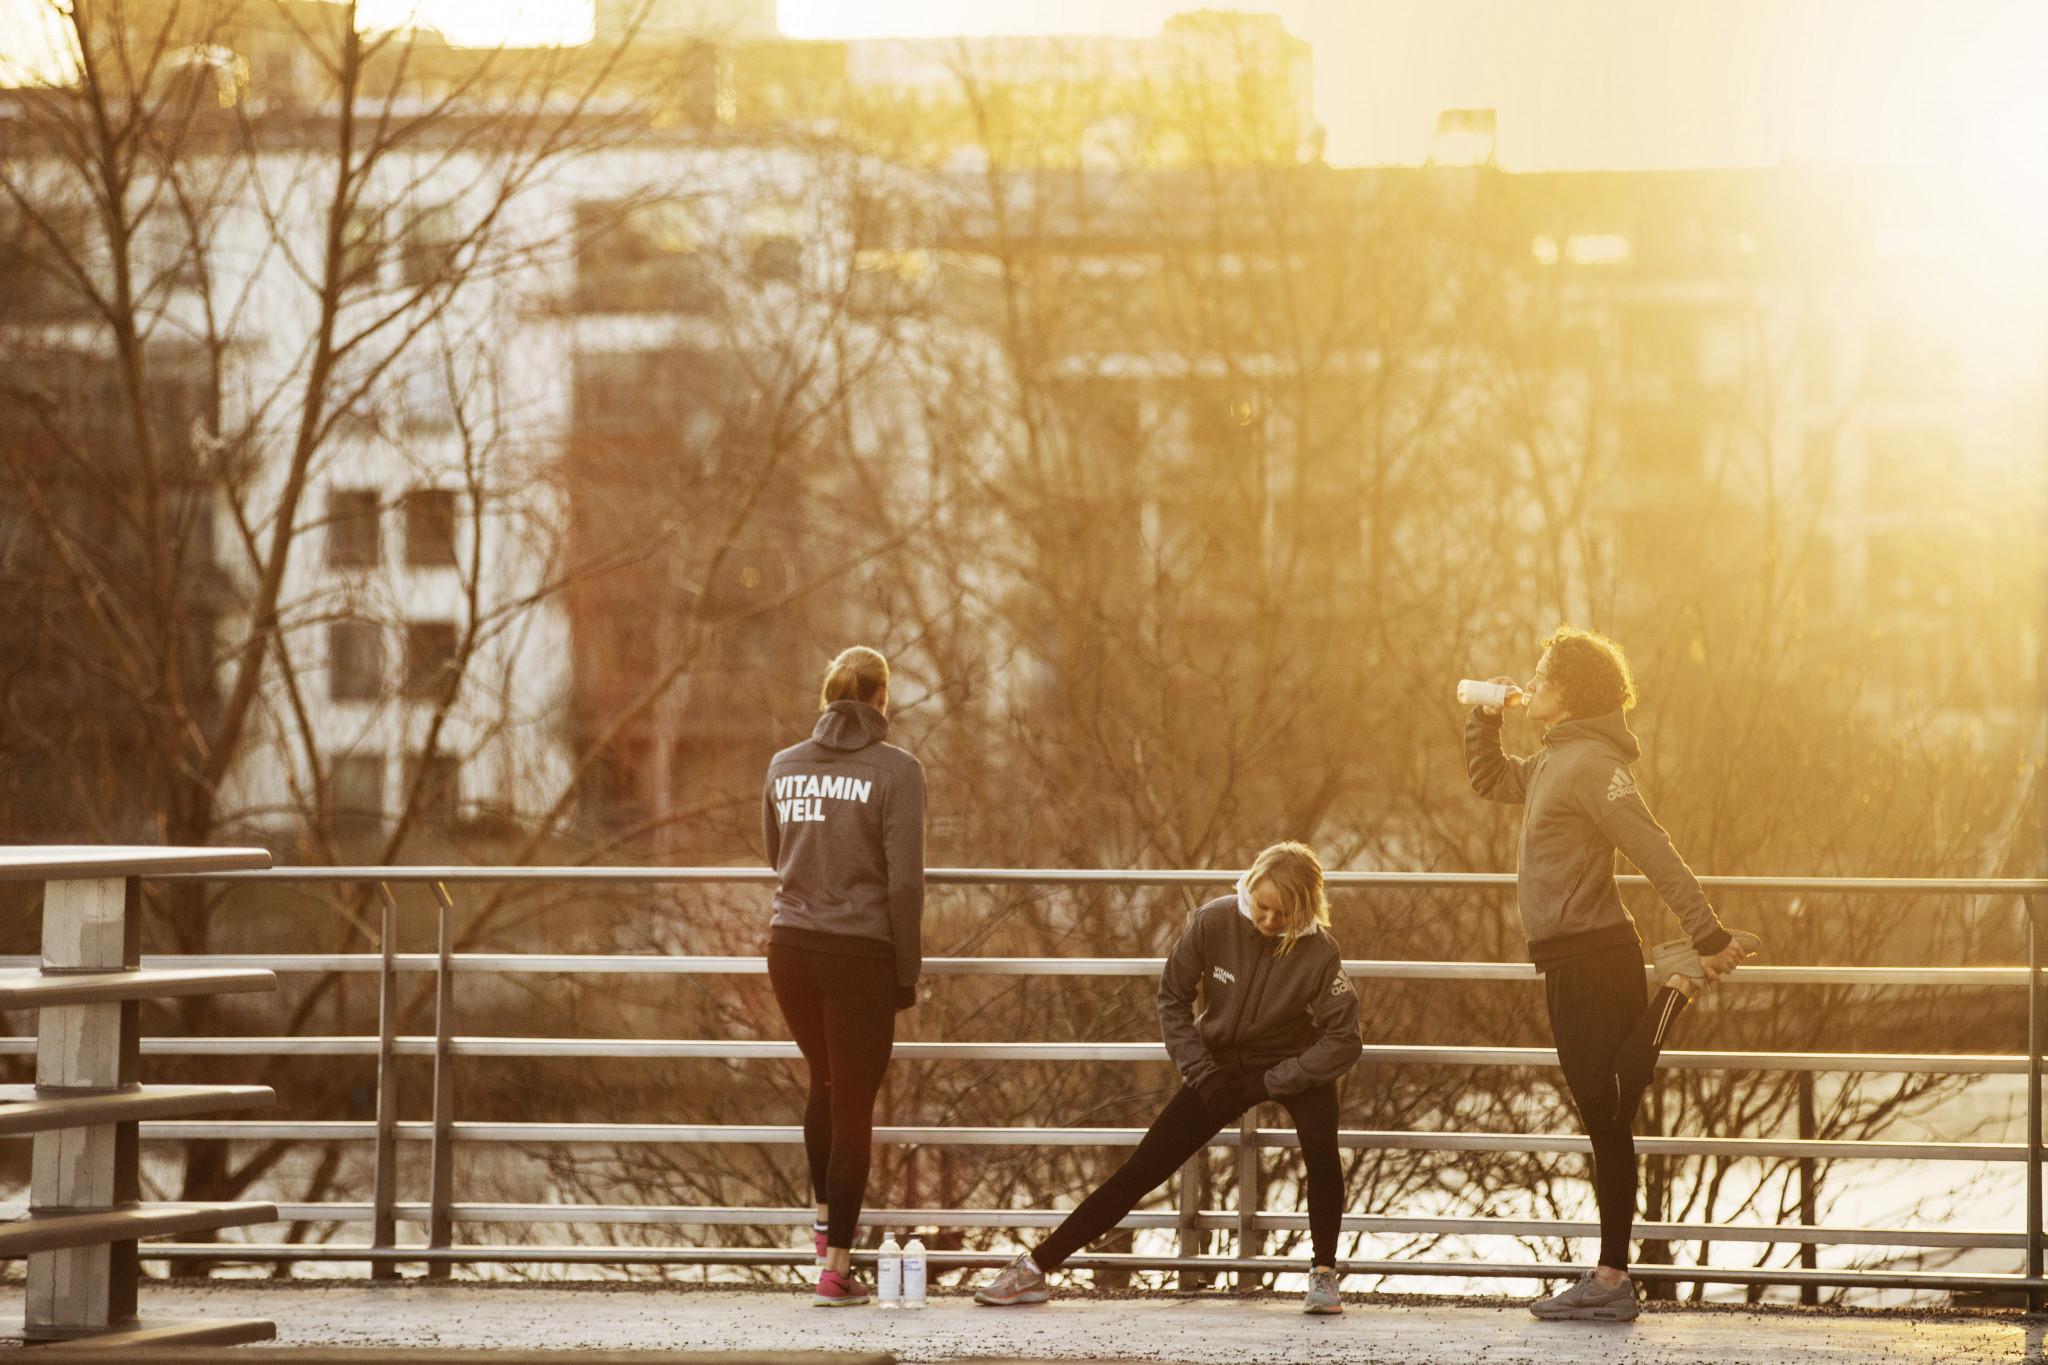 Välmående, träning och vitamin well